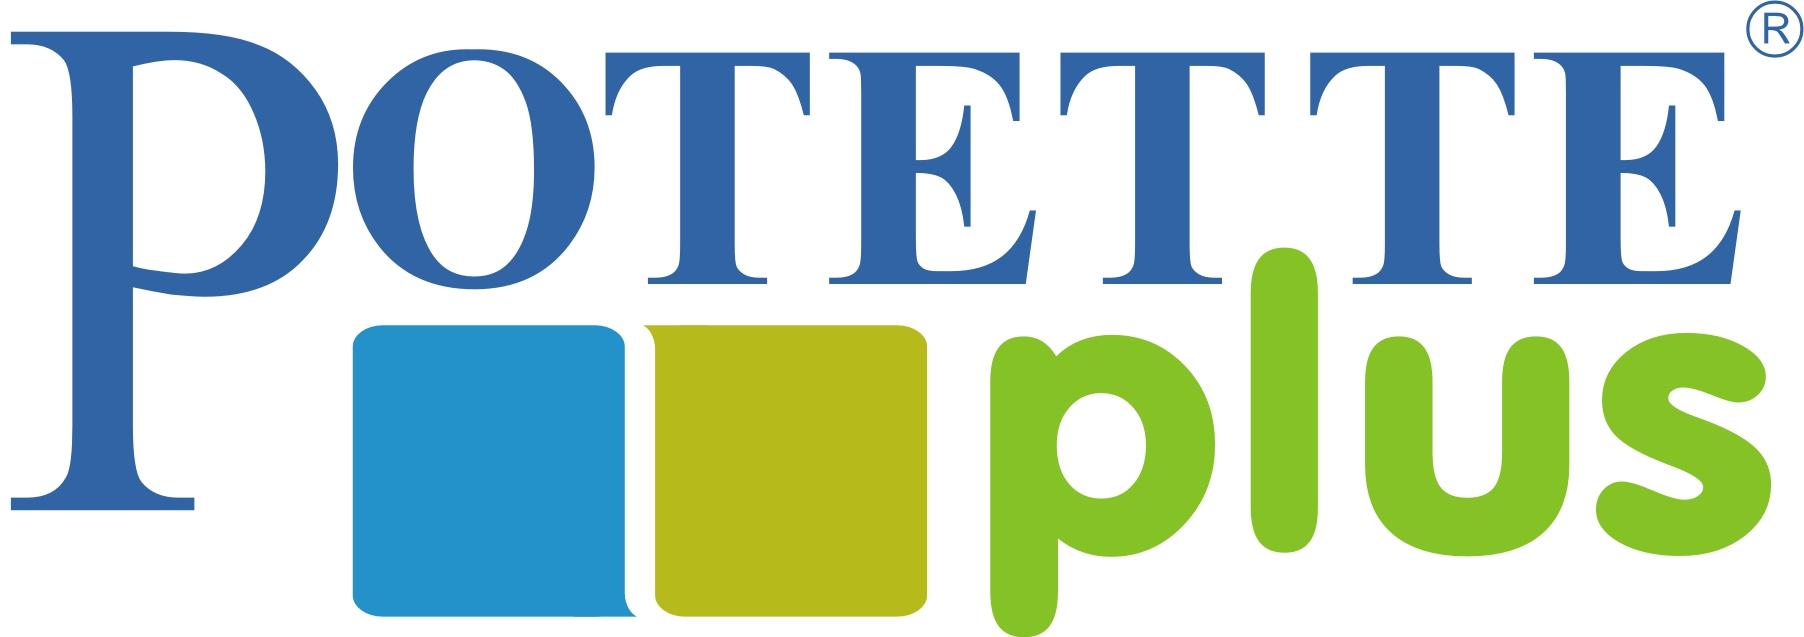 Potette Plus Logo